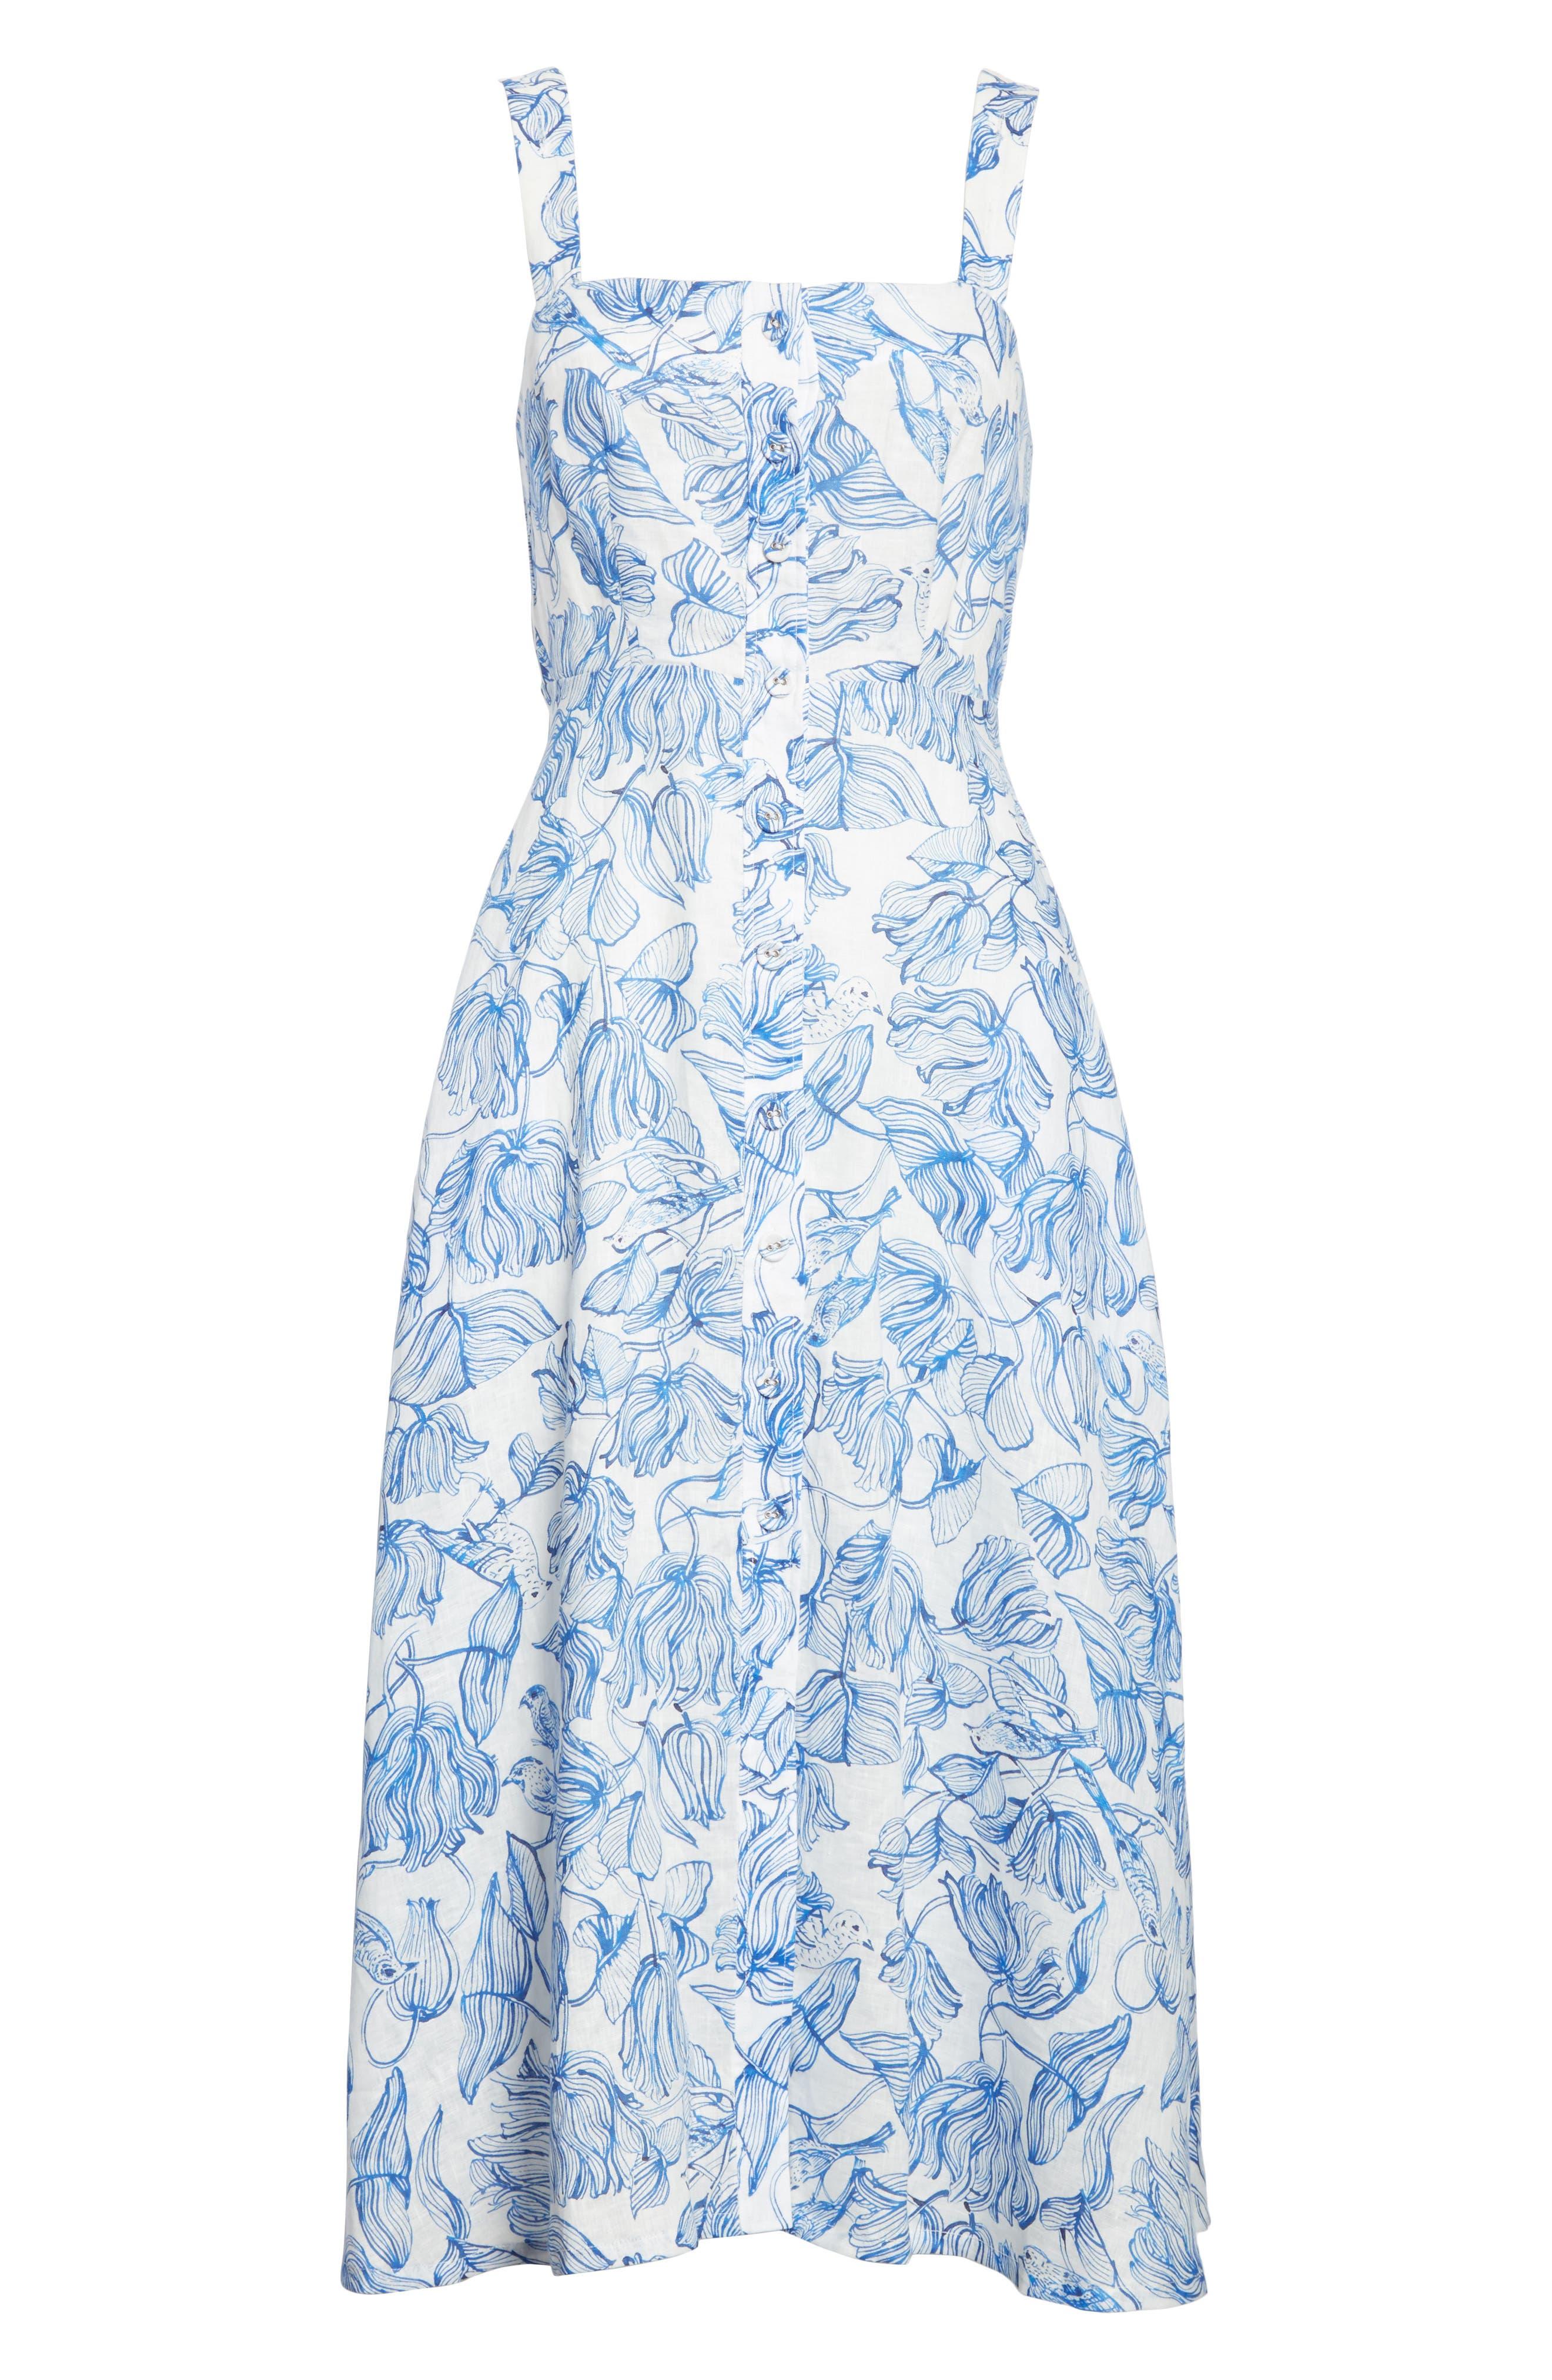 RACHEL COMEY,                             Lido Linen Dress,                             Alternate thumbnail 6, color,                             435